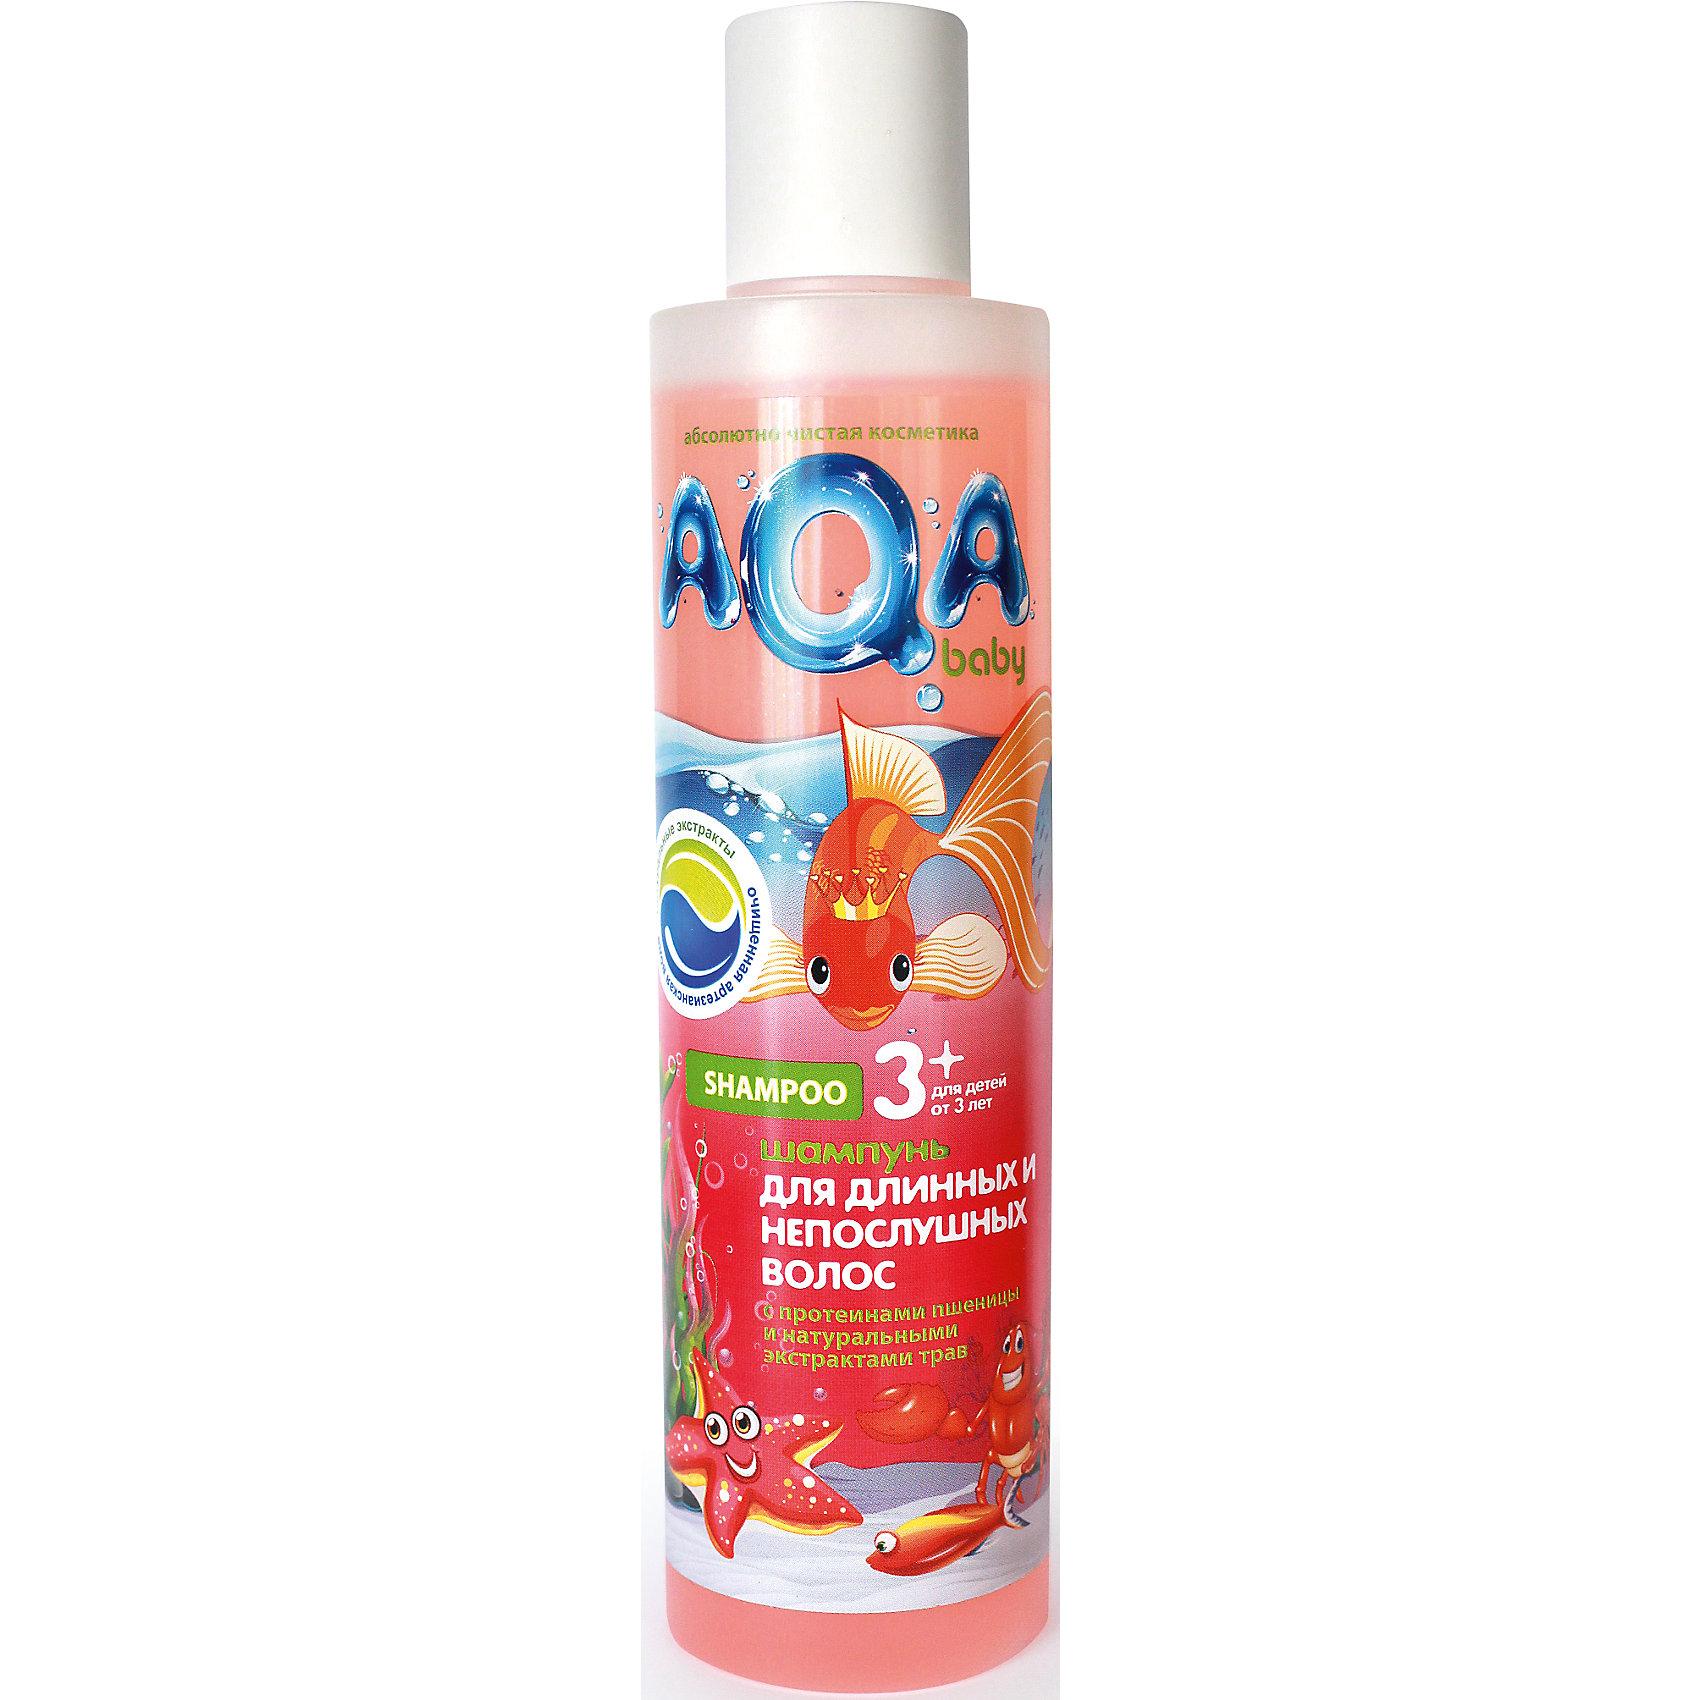 Шампунь для длинных и непослушных волос KIDS 210 мл., AQA BABY (AQA baby)